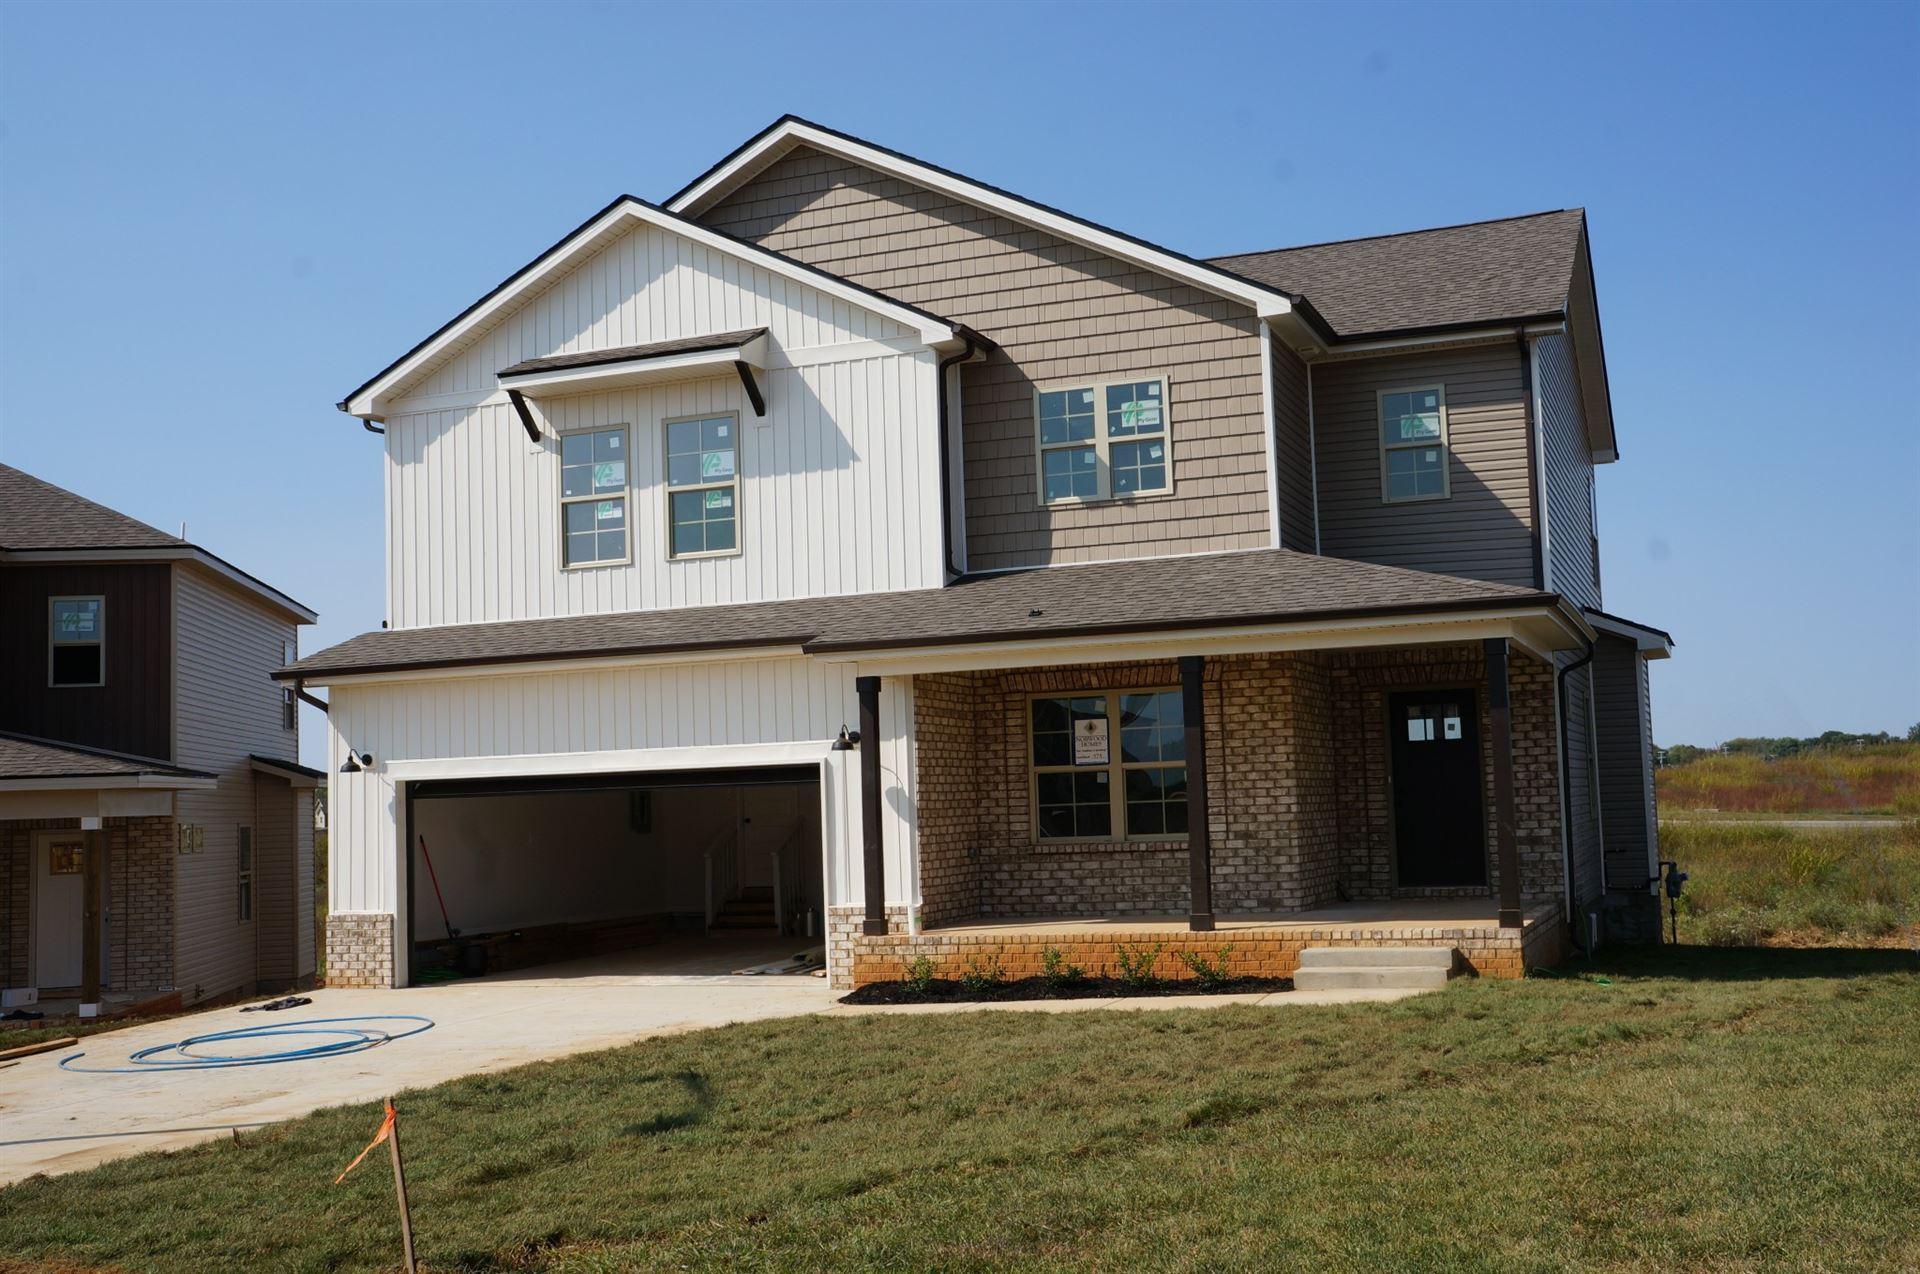 3275 Haymeadow Ln, Clarksville, TN 37040 - MLS#: 2225744